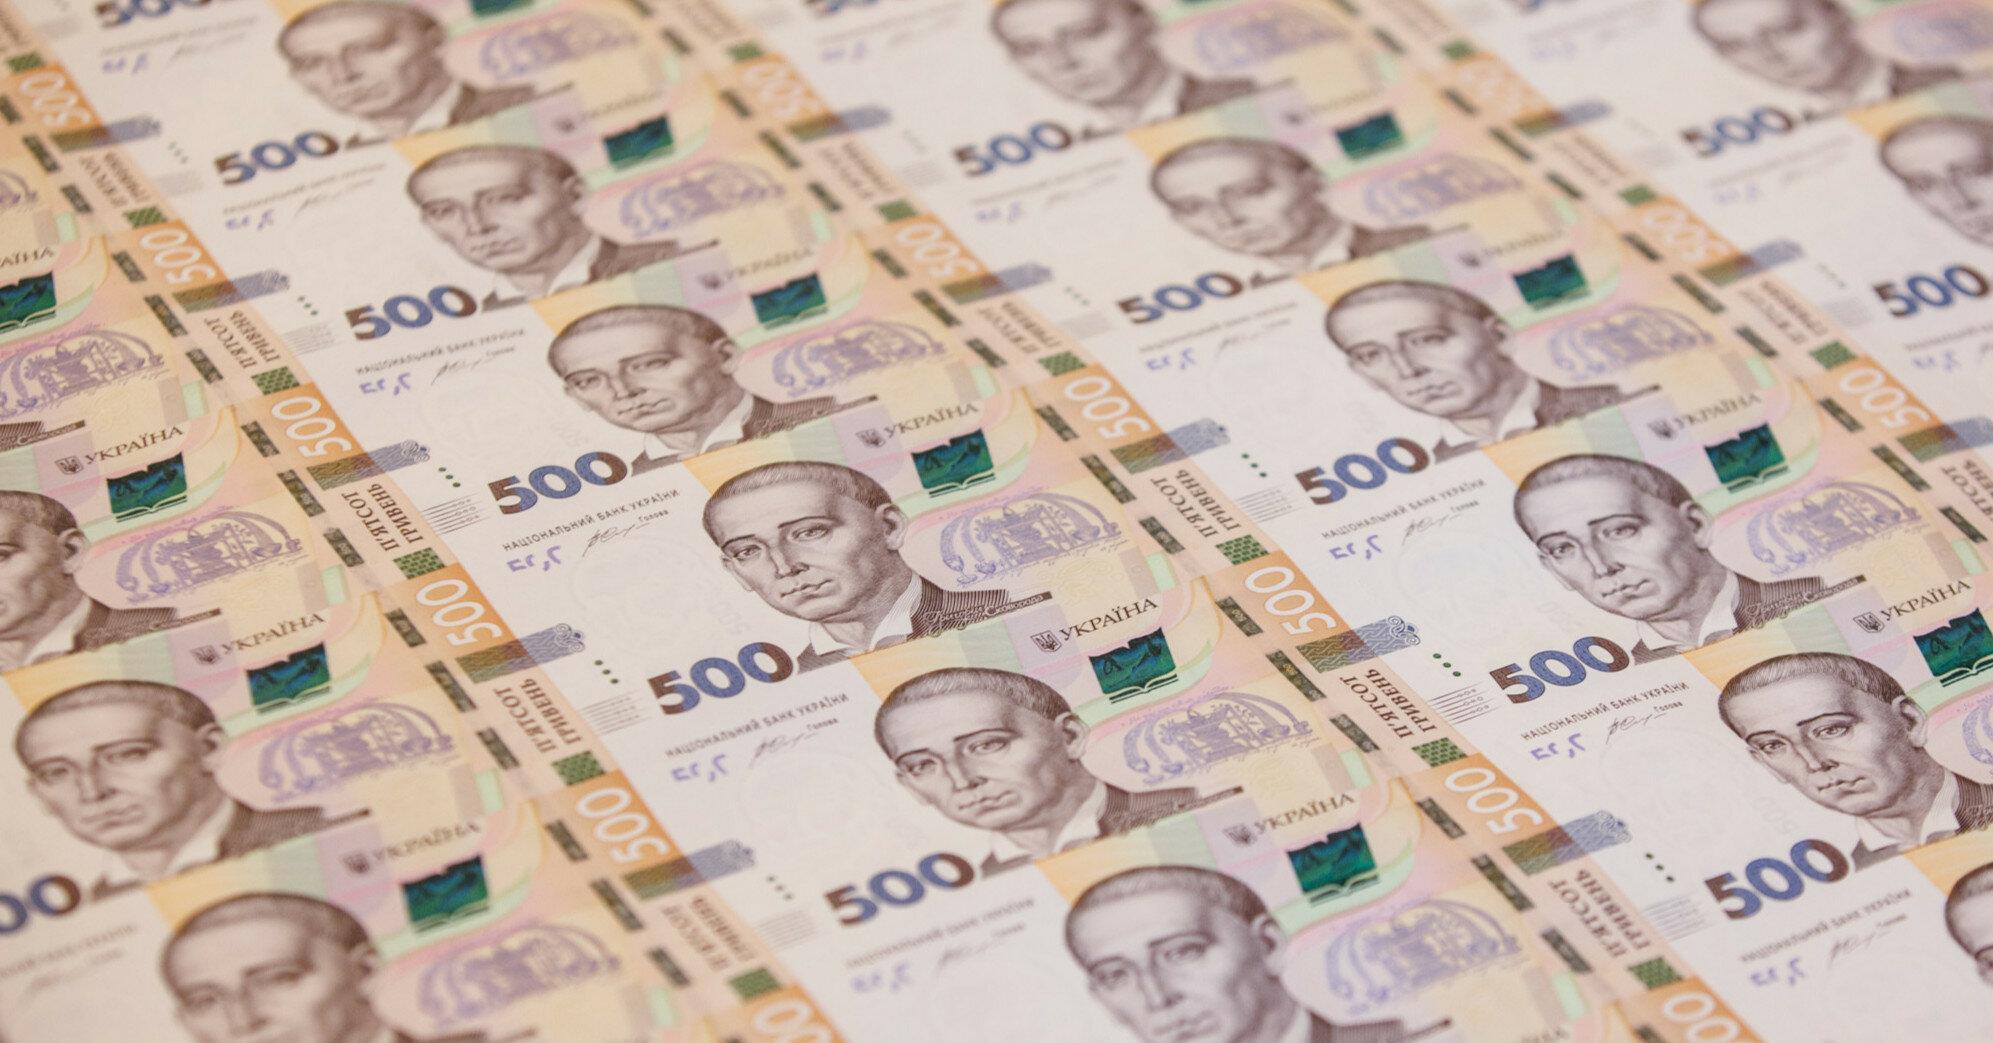 В Киеве экс-директор отделения банка украл 900 тыс. грн